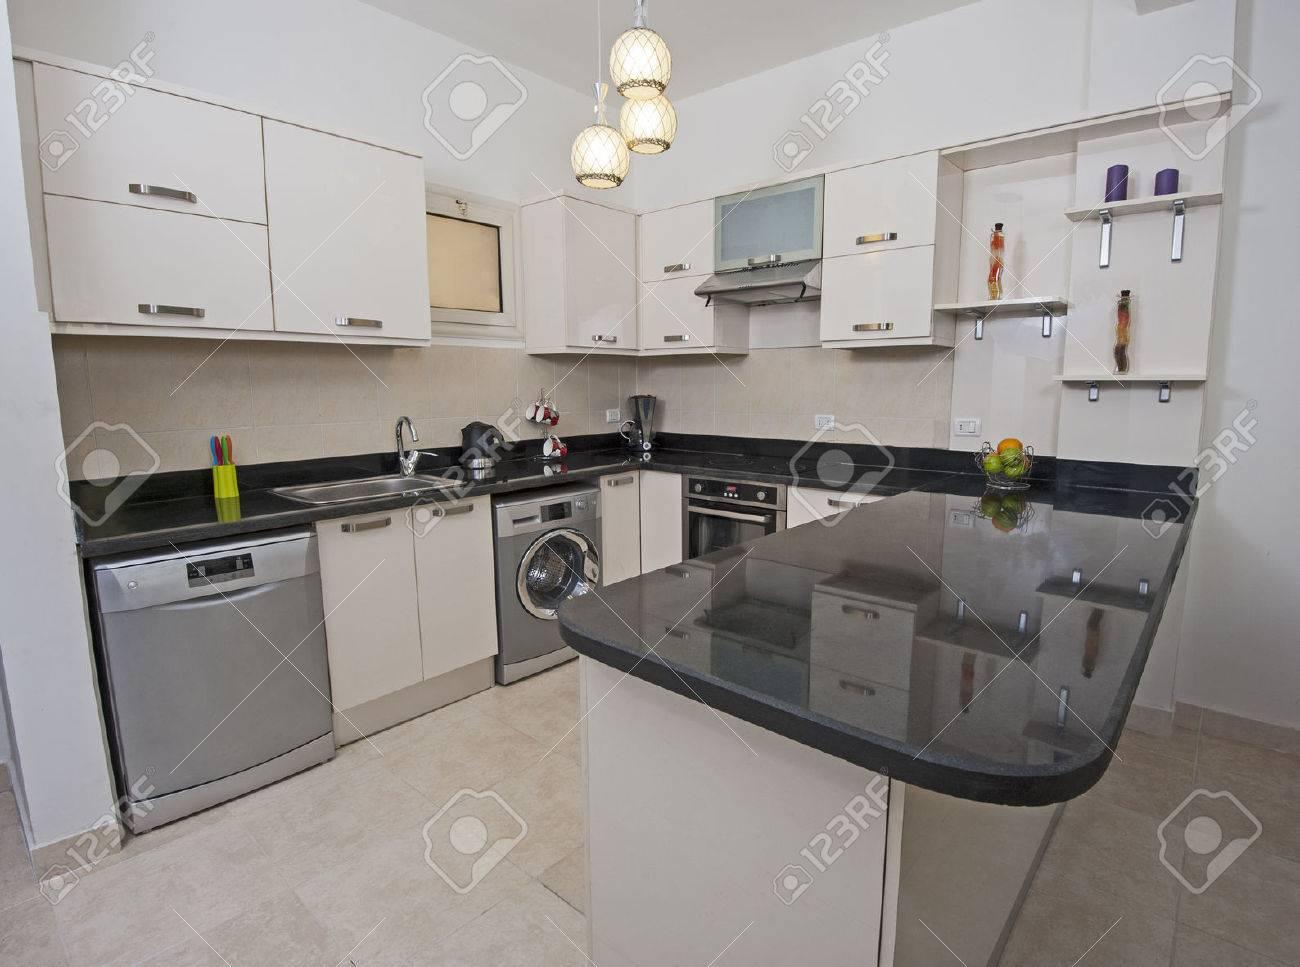 Cocina Estilo Americano De Apartamento De Lujo Que Muestra El Diseño ...